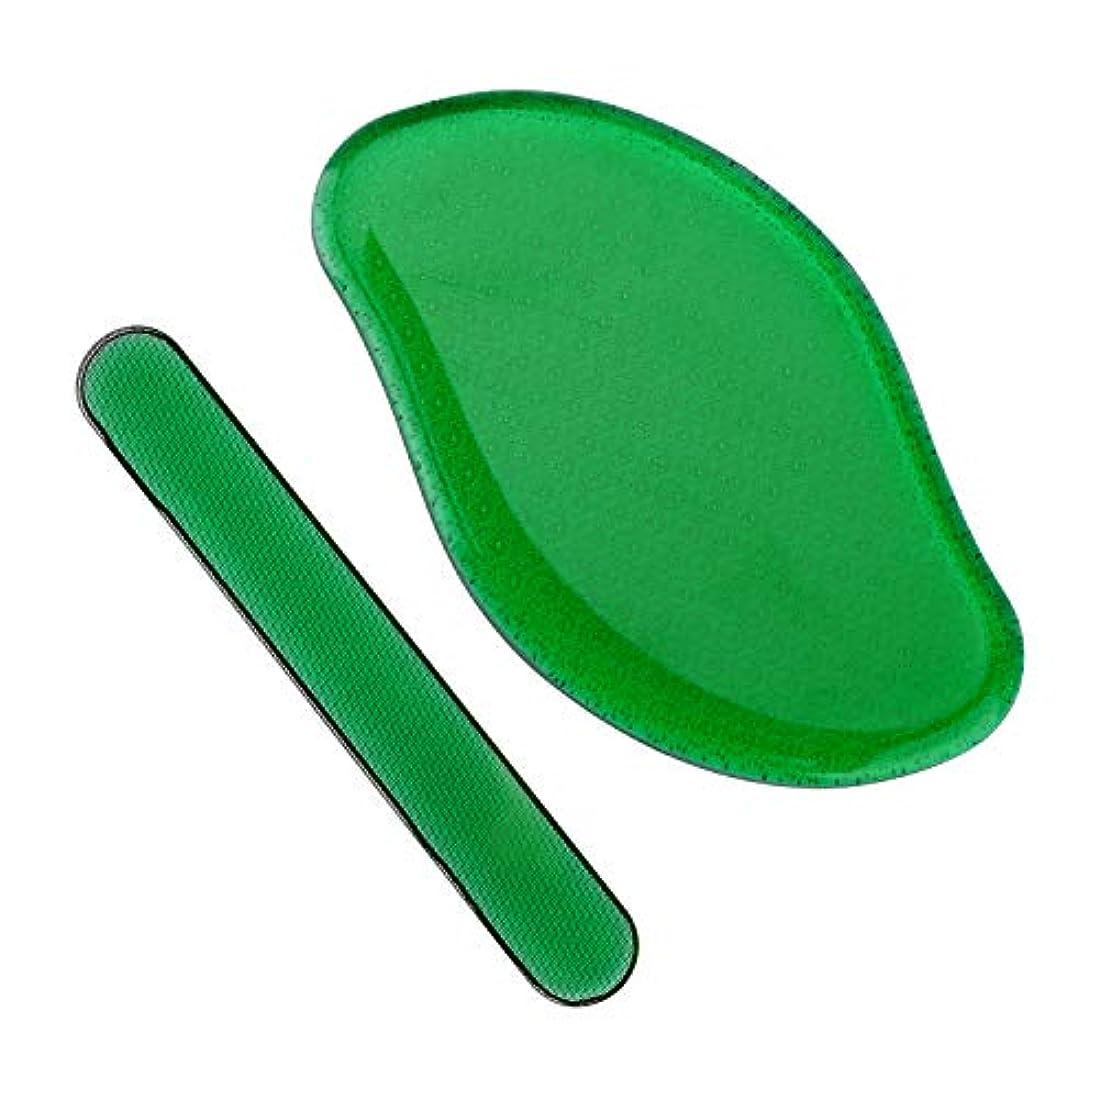 地平線日記ポットShinenail ガラス製 かかと 角質取り かかと削り ガラス 爪磨き付き かかとやすり かかと磨き 角質除去 足 角質ケア ヤスリ 足裏 踵 フットケア 丸洗いOK 爪磨き付き